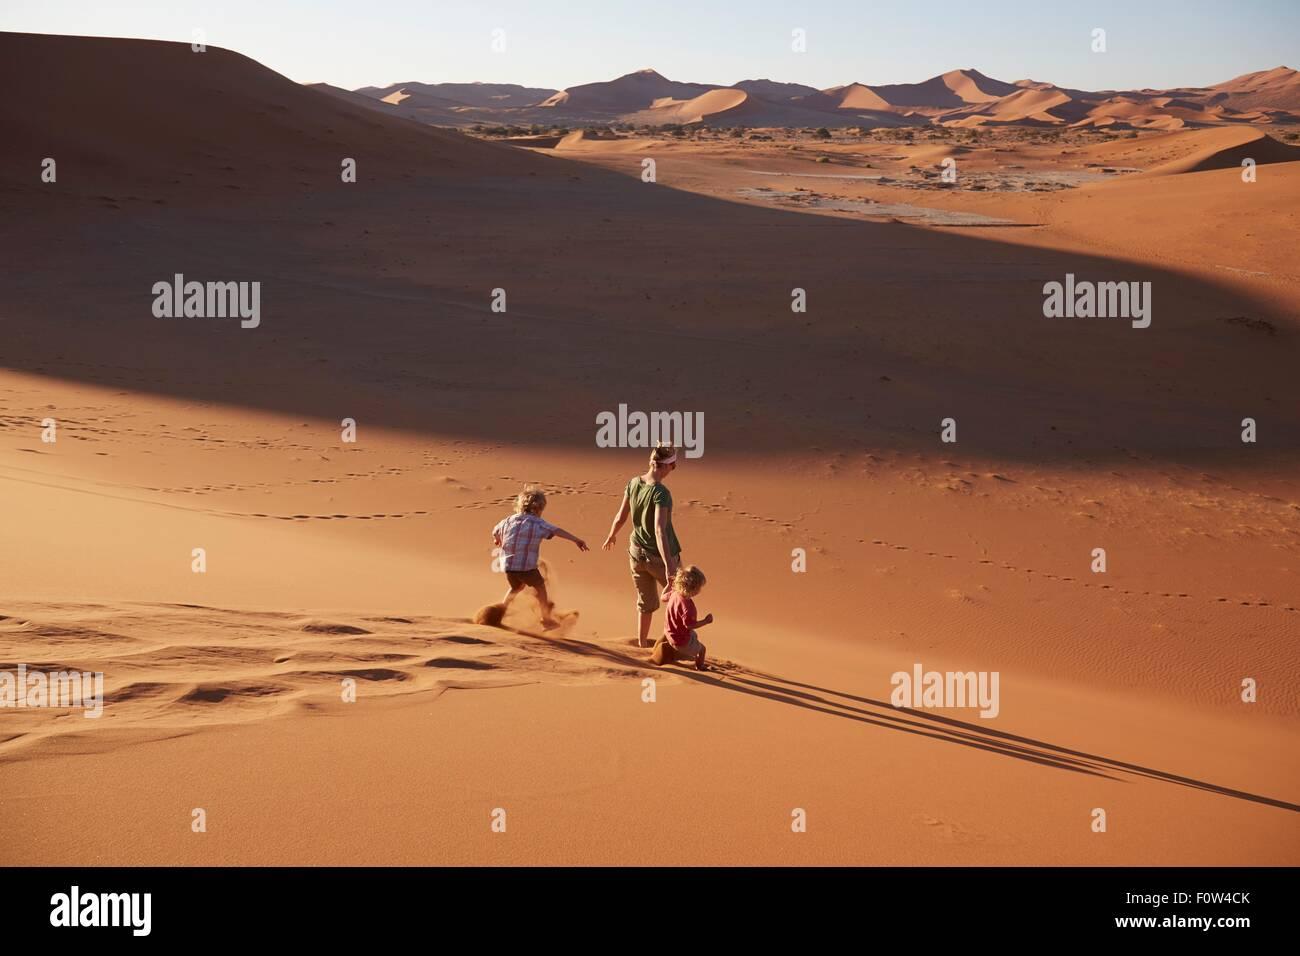 Mother and sons walking on sand dune, Namib Naukluft National Park, Namib Desert, Sossusvlei, Dead Vlei, Africa - Stock Image